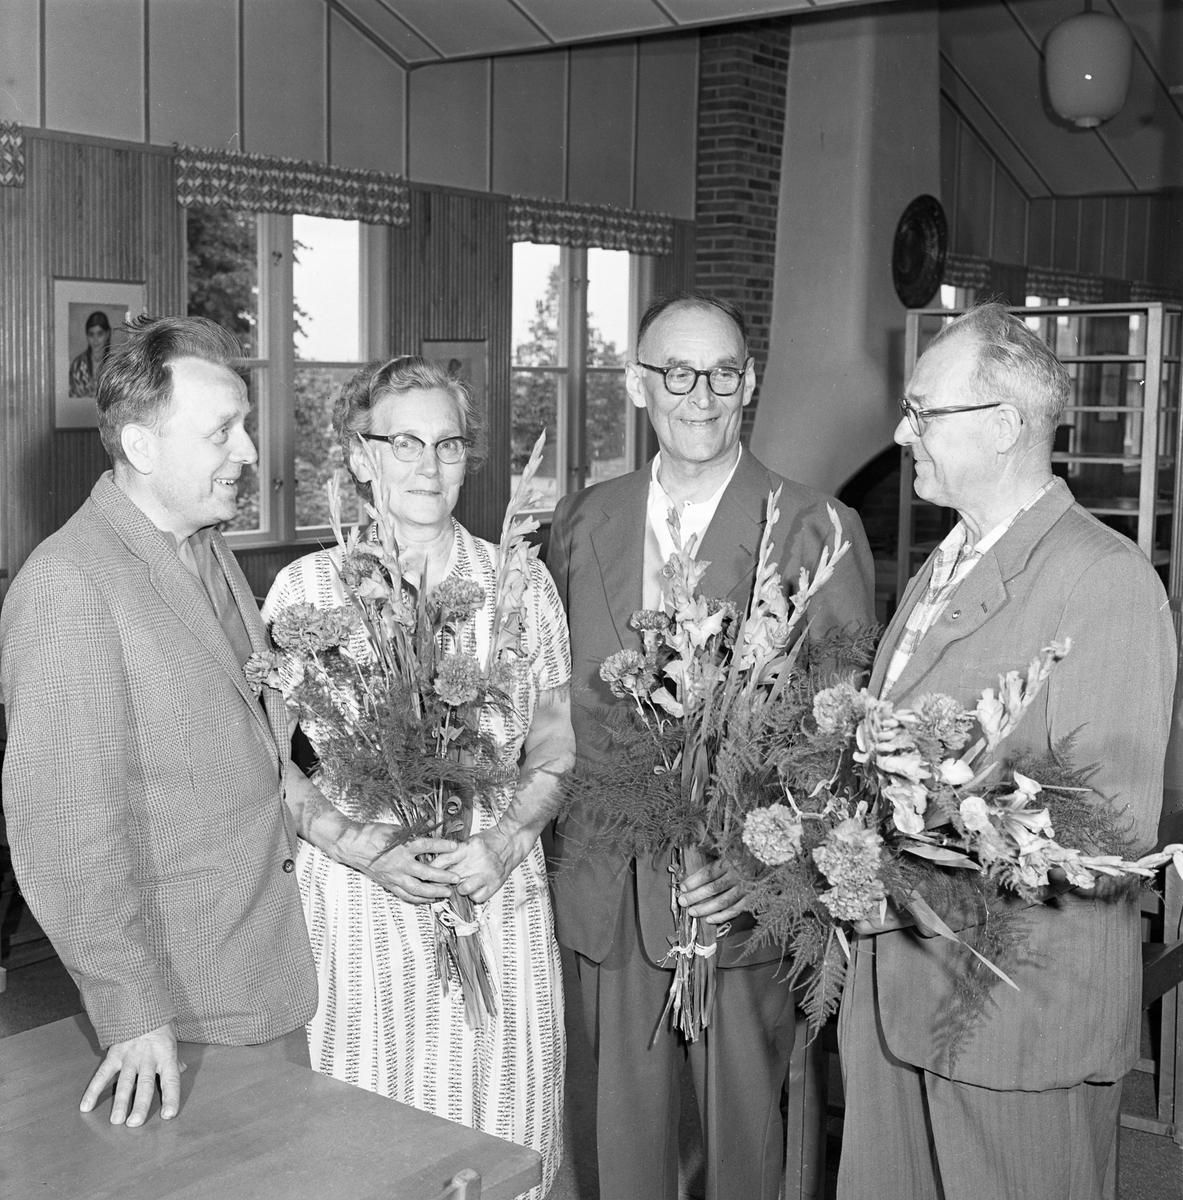 """Tre pensionärer avtackas från CVA. De har var sin blomsterbukett i famnen. Mannen till vänster är Ingvar Johansson, kallad """"Blötis"""". Den långe mannen i mitten är Nils Andersson."""